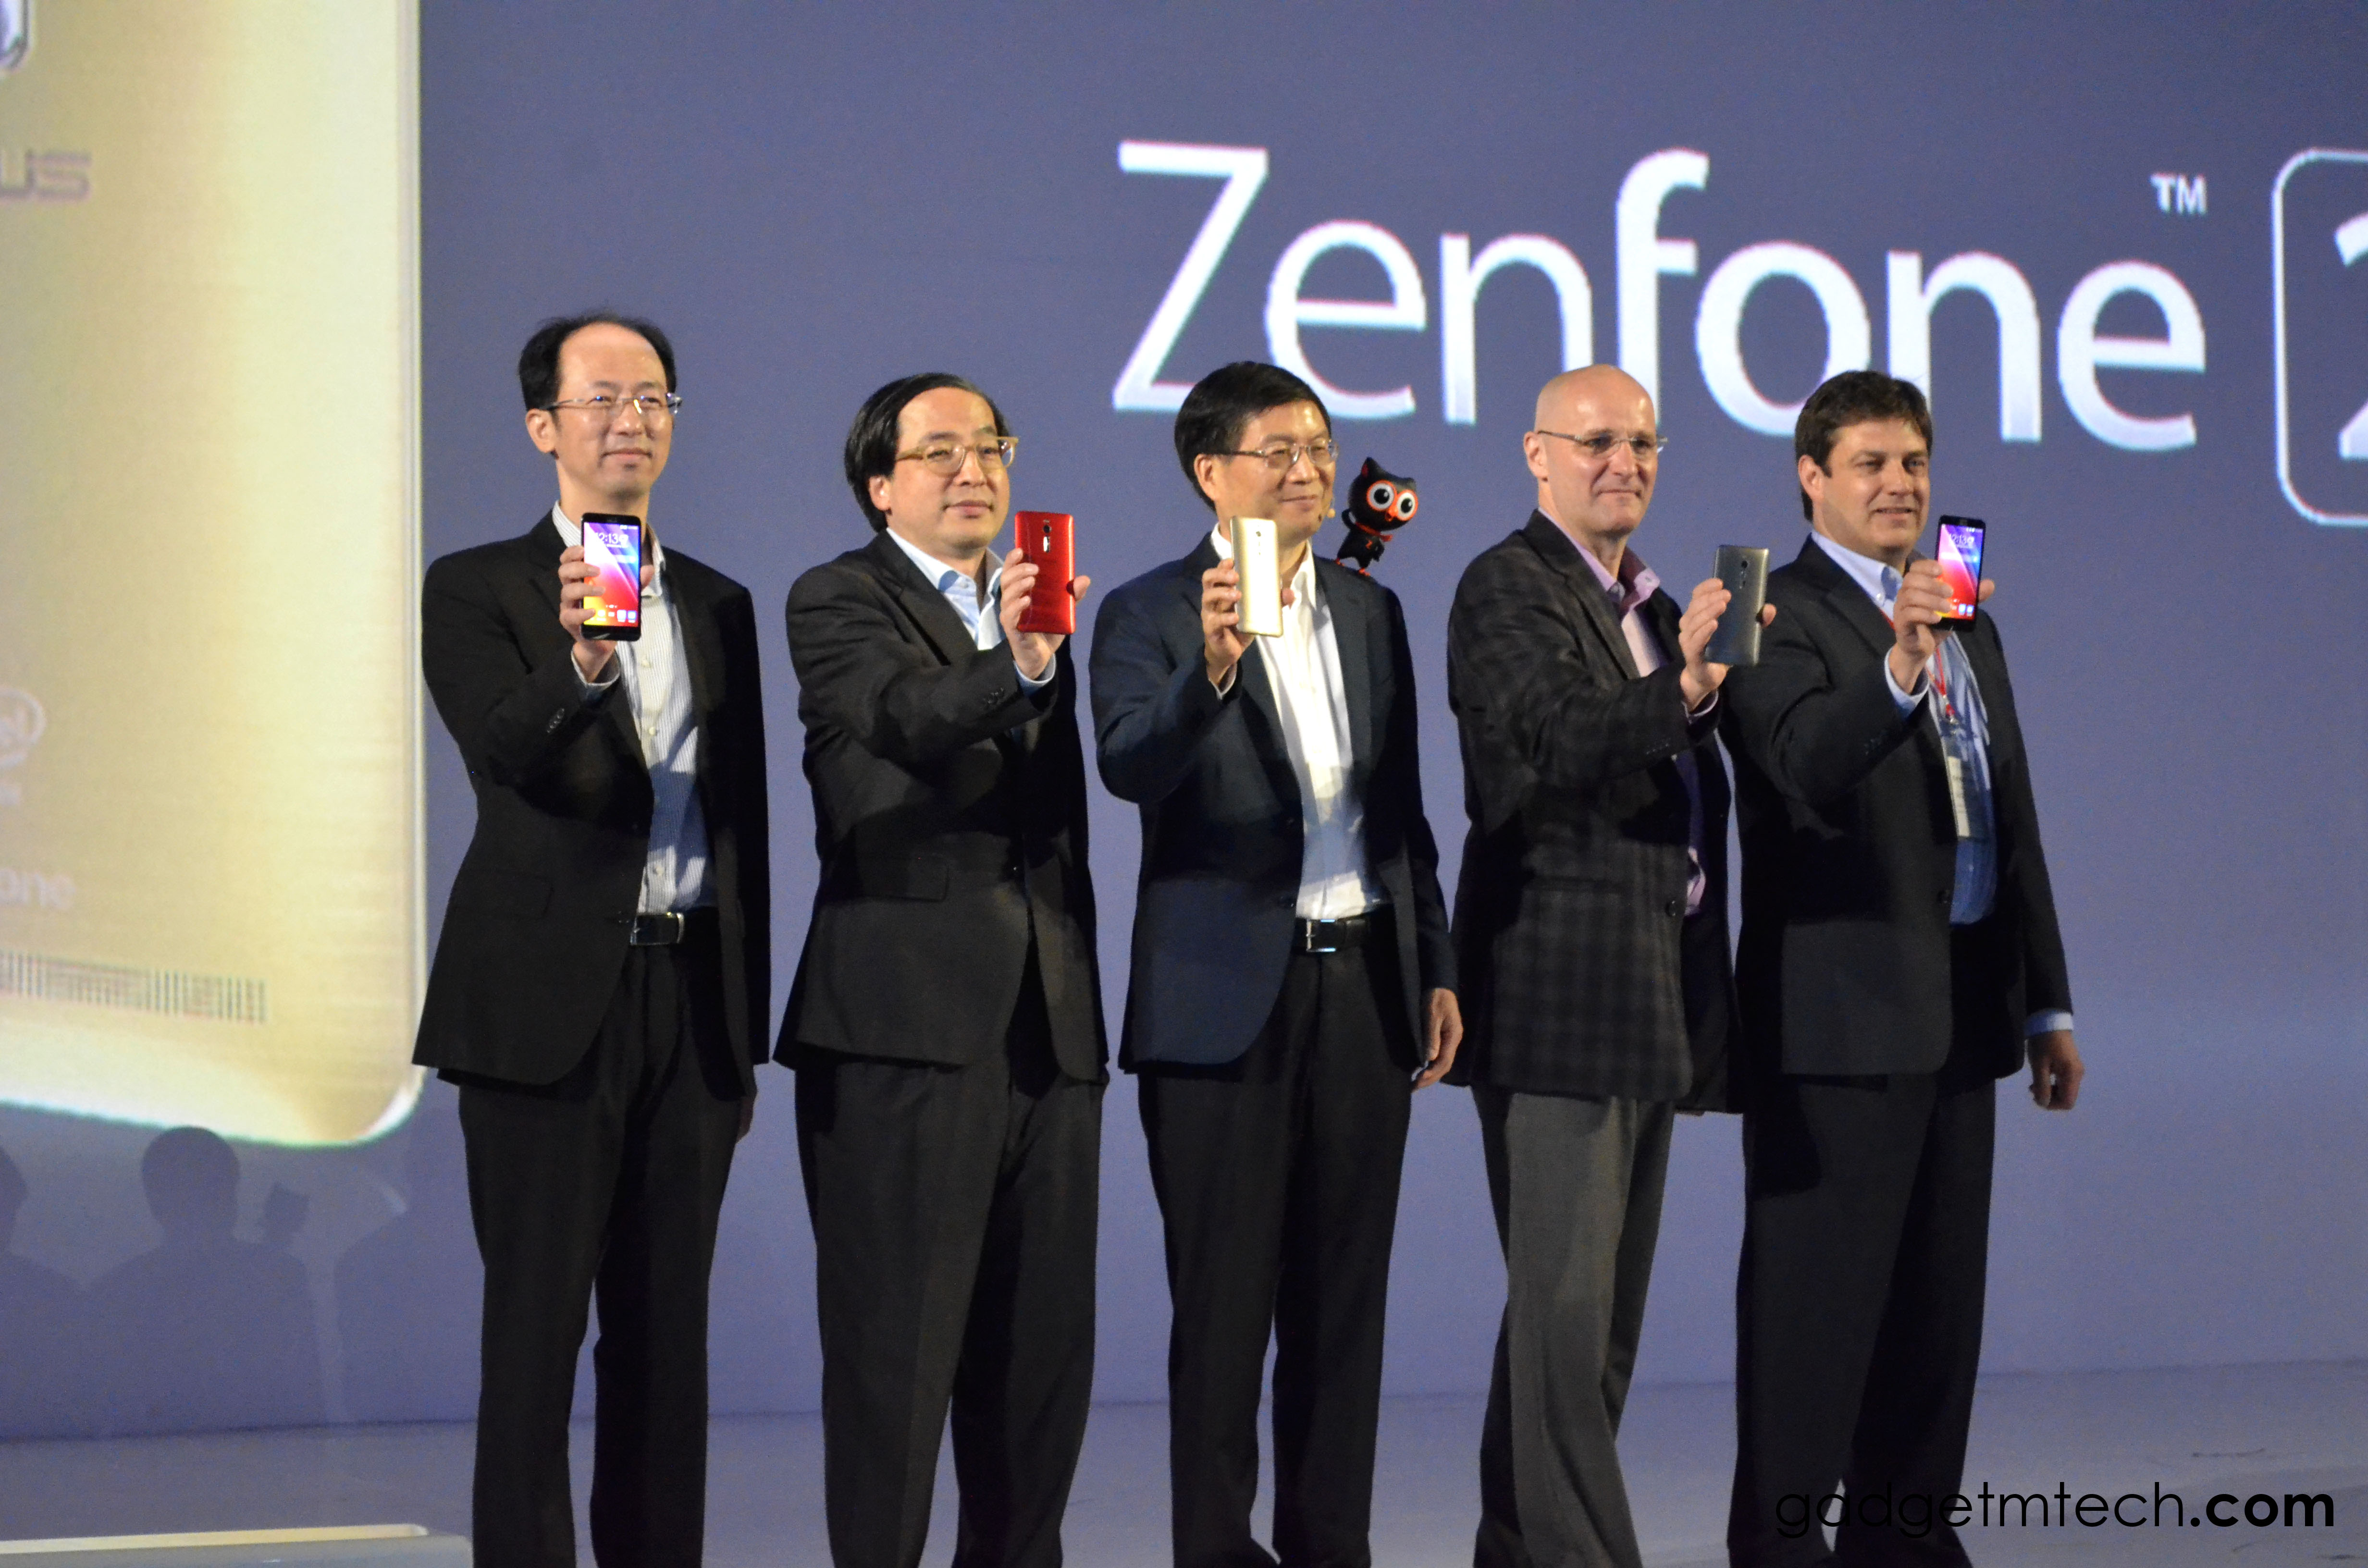 ASUS ZenFone 2 Regional Launch